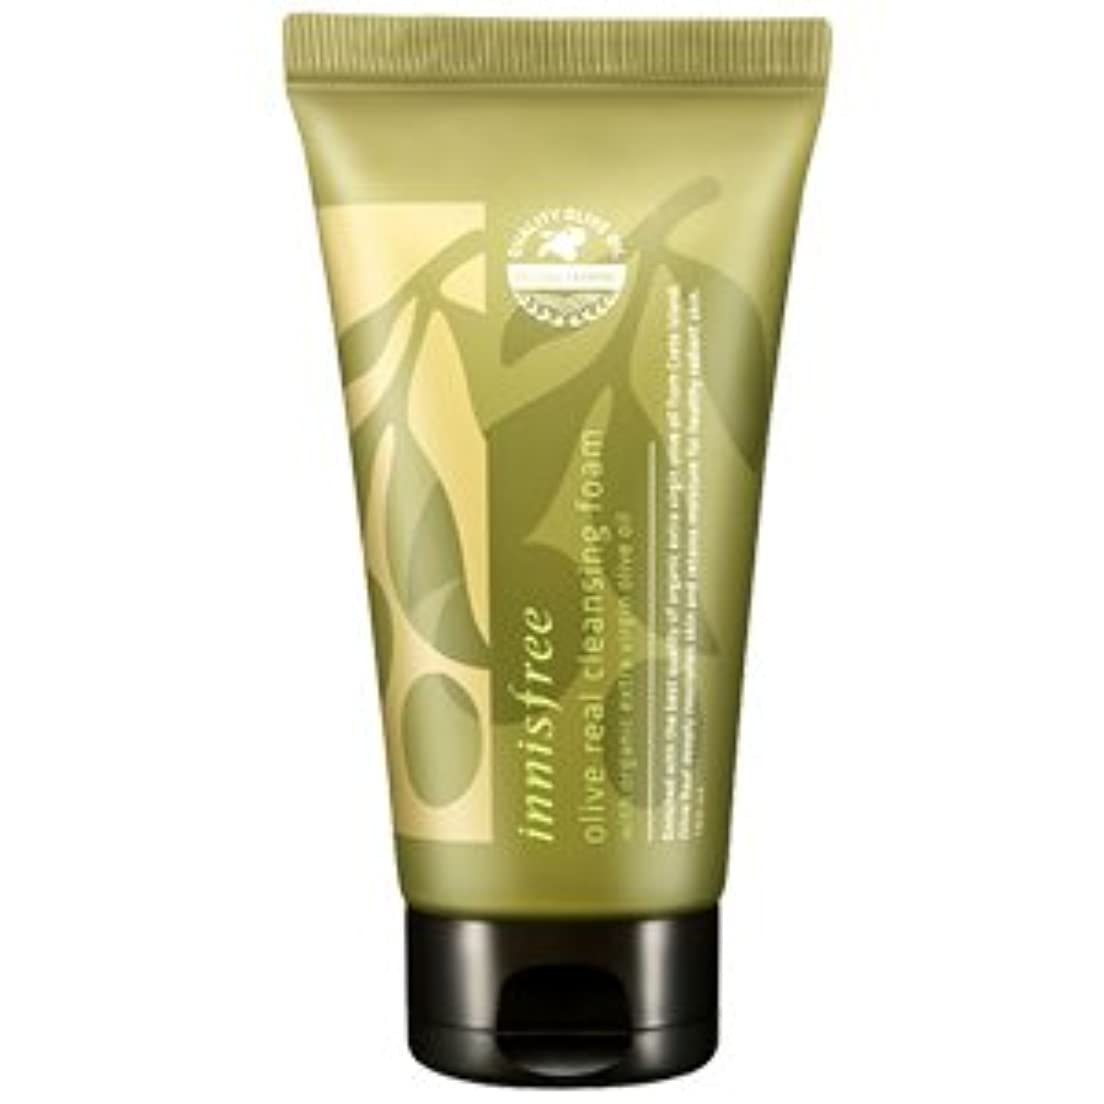 違反死んでいる工業化するinnisfree(イニスフリー) Olive real cleansing foam AD オリーブ リアル クレンジング フォーム 150ml